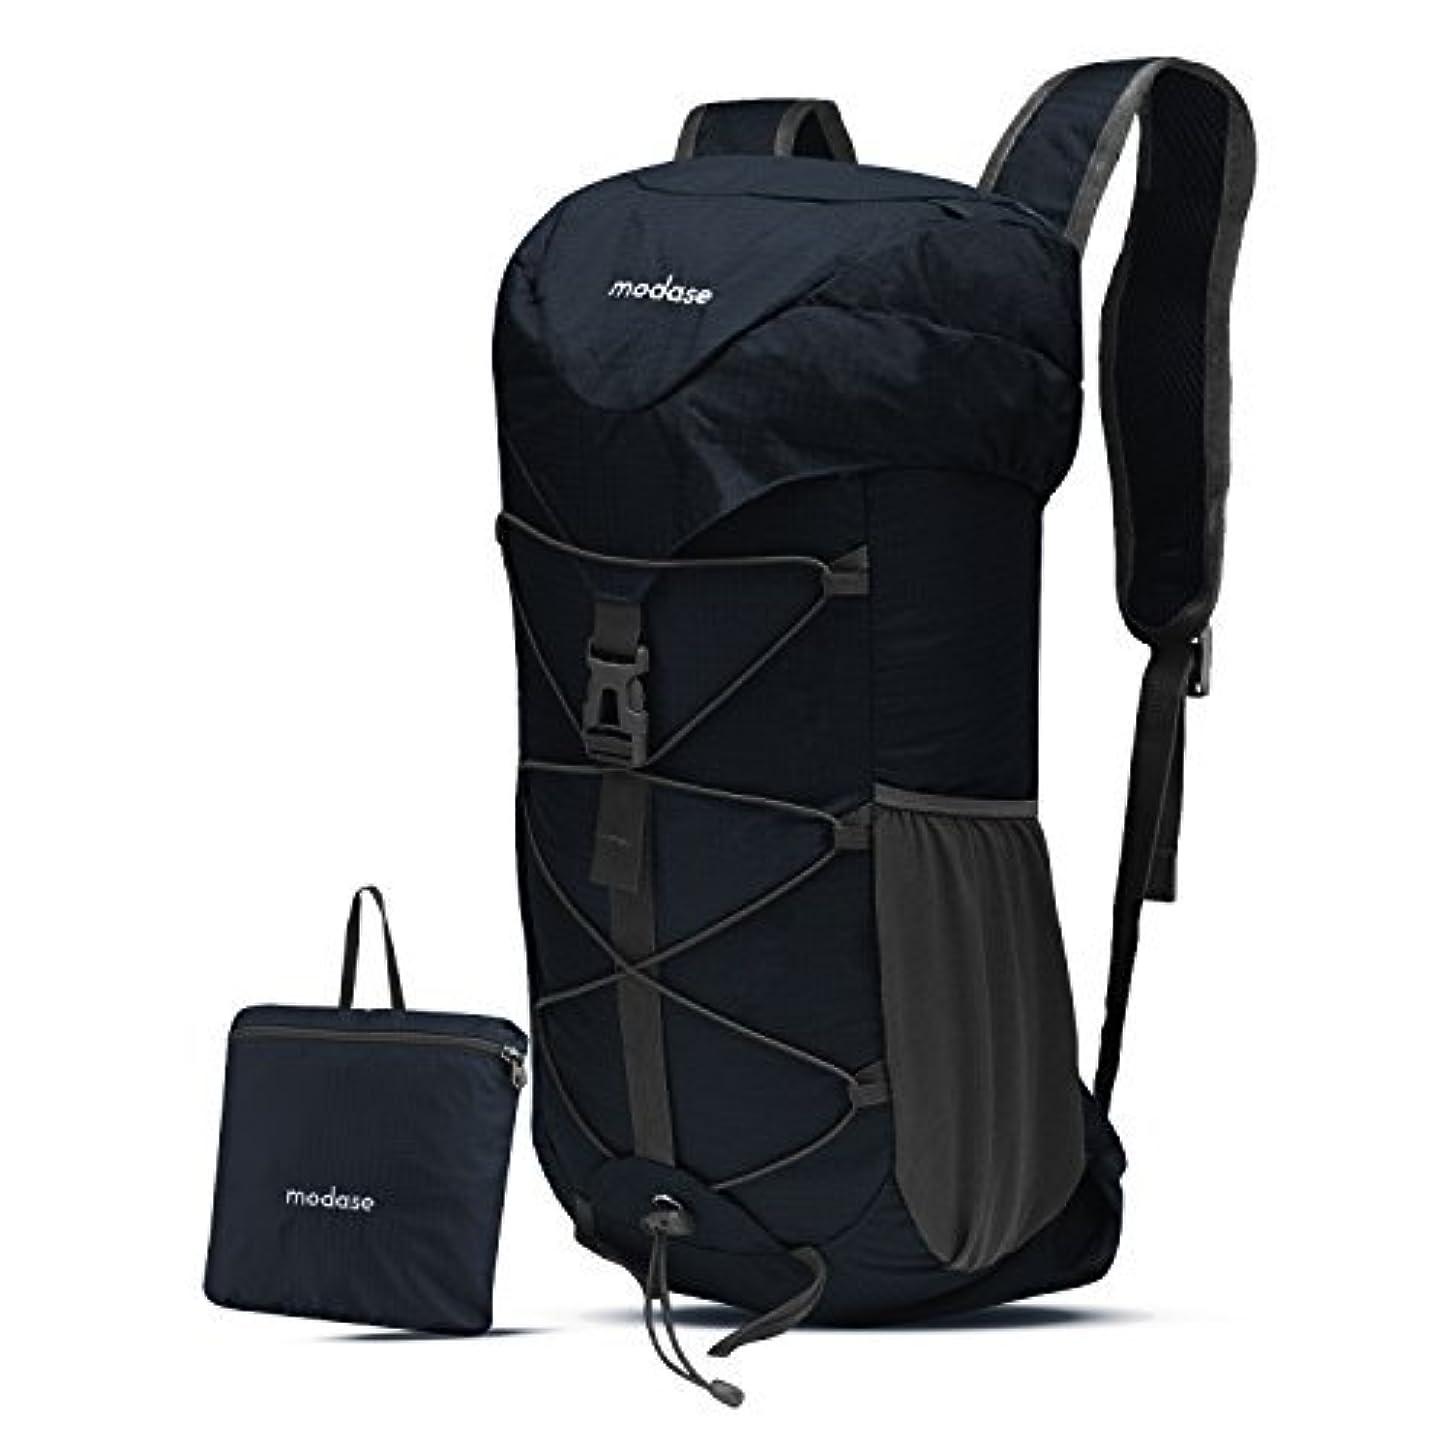 アロング包囲の面ではmodase Backpack, Hiking Backpack, Large 40L Lightweight Water Resistant Travel Backpack Daypack with Hip Belt for Outdoor Climbing Camping Hiking Travel - Packable Hiking Daypack [並行輸入品]